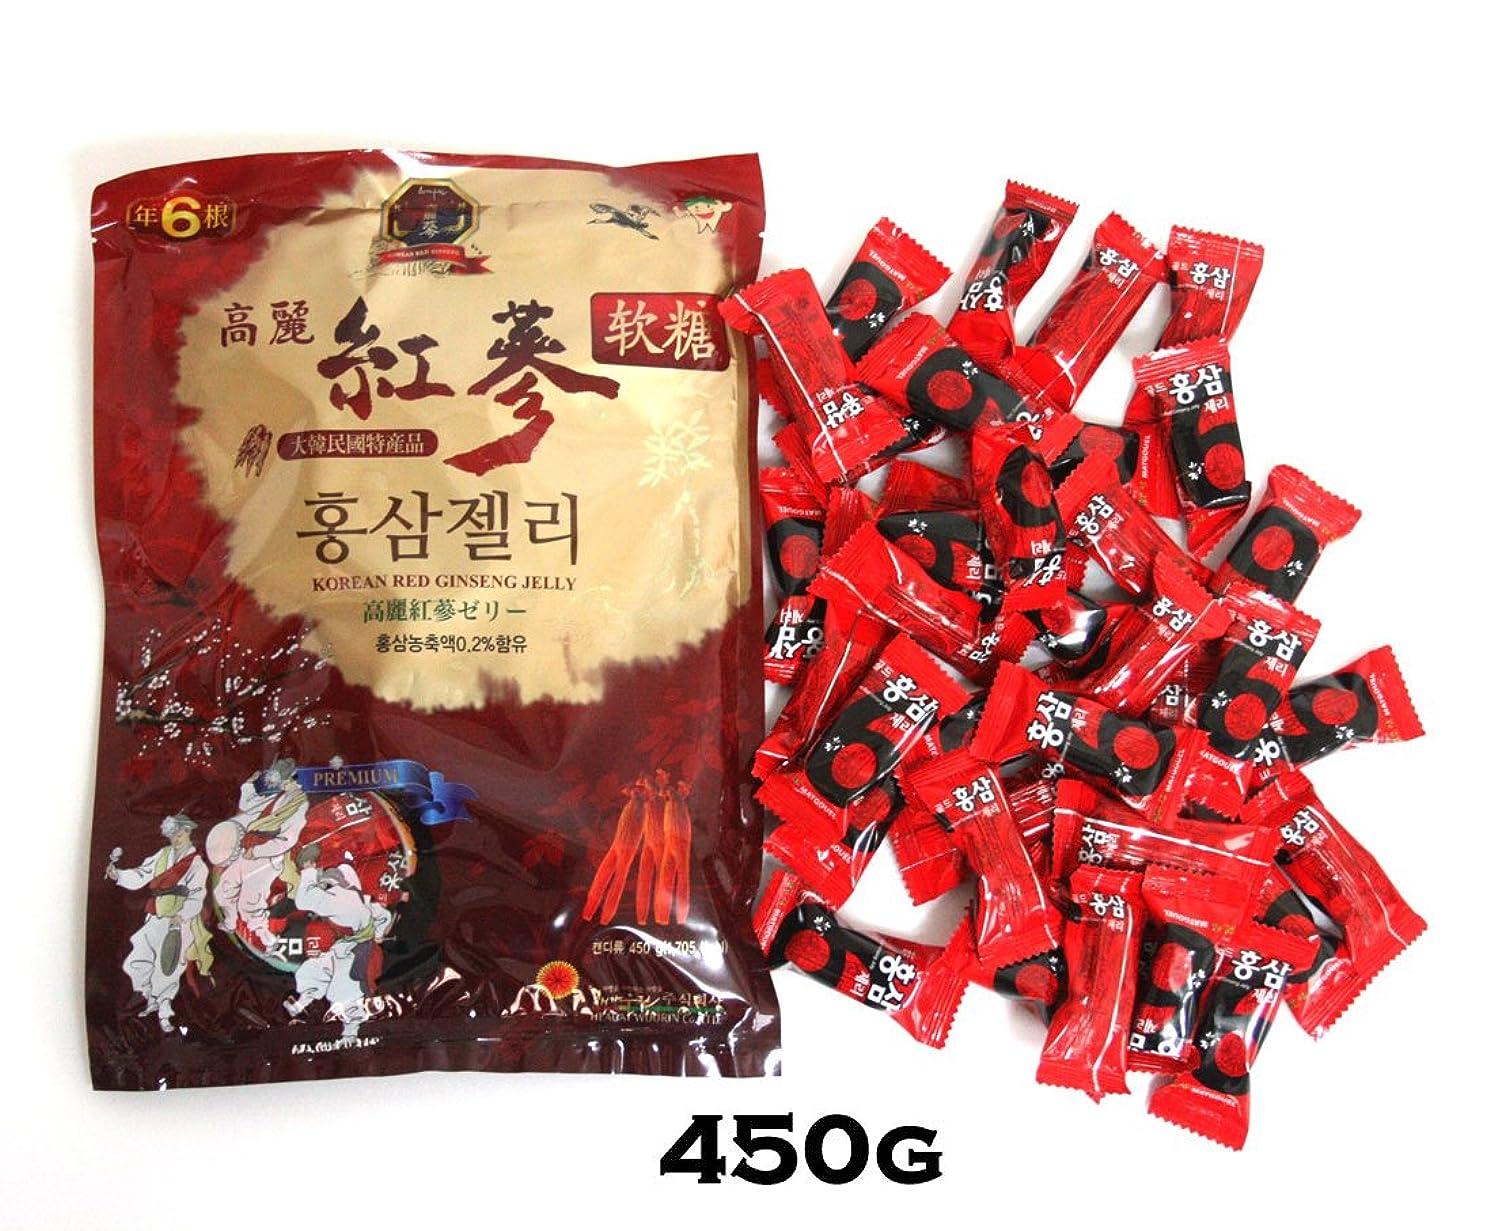 スリップ気怠い近々韓国紅参ゼリー450g X 4ea / Korean Red Ginseng Jelly 450g X 4ea / さわやか / refreshing / 人参エキスパウダー / ginseng extract and powder / 韓国製 / Korean Made [並行輸入品]